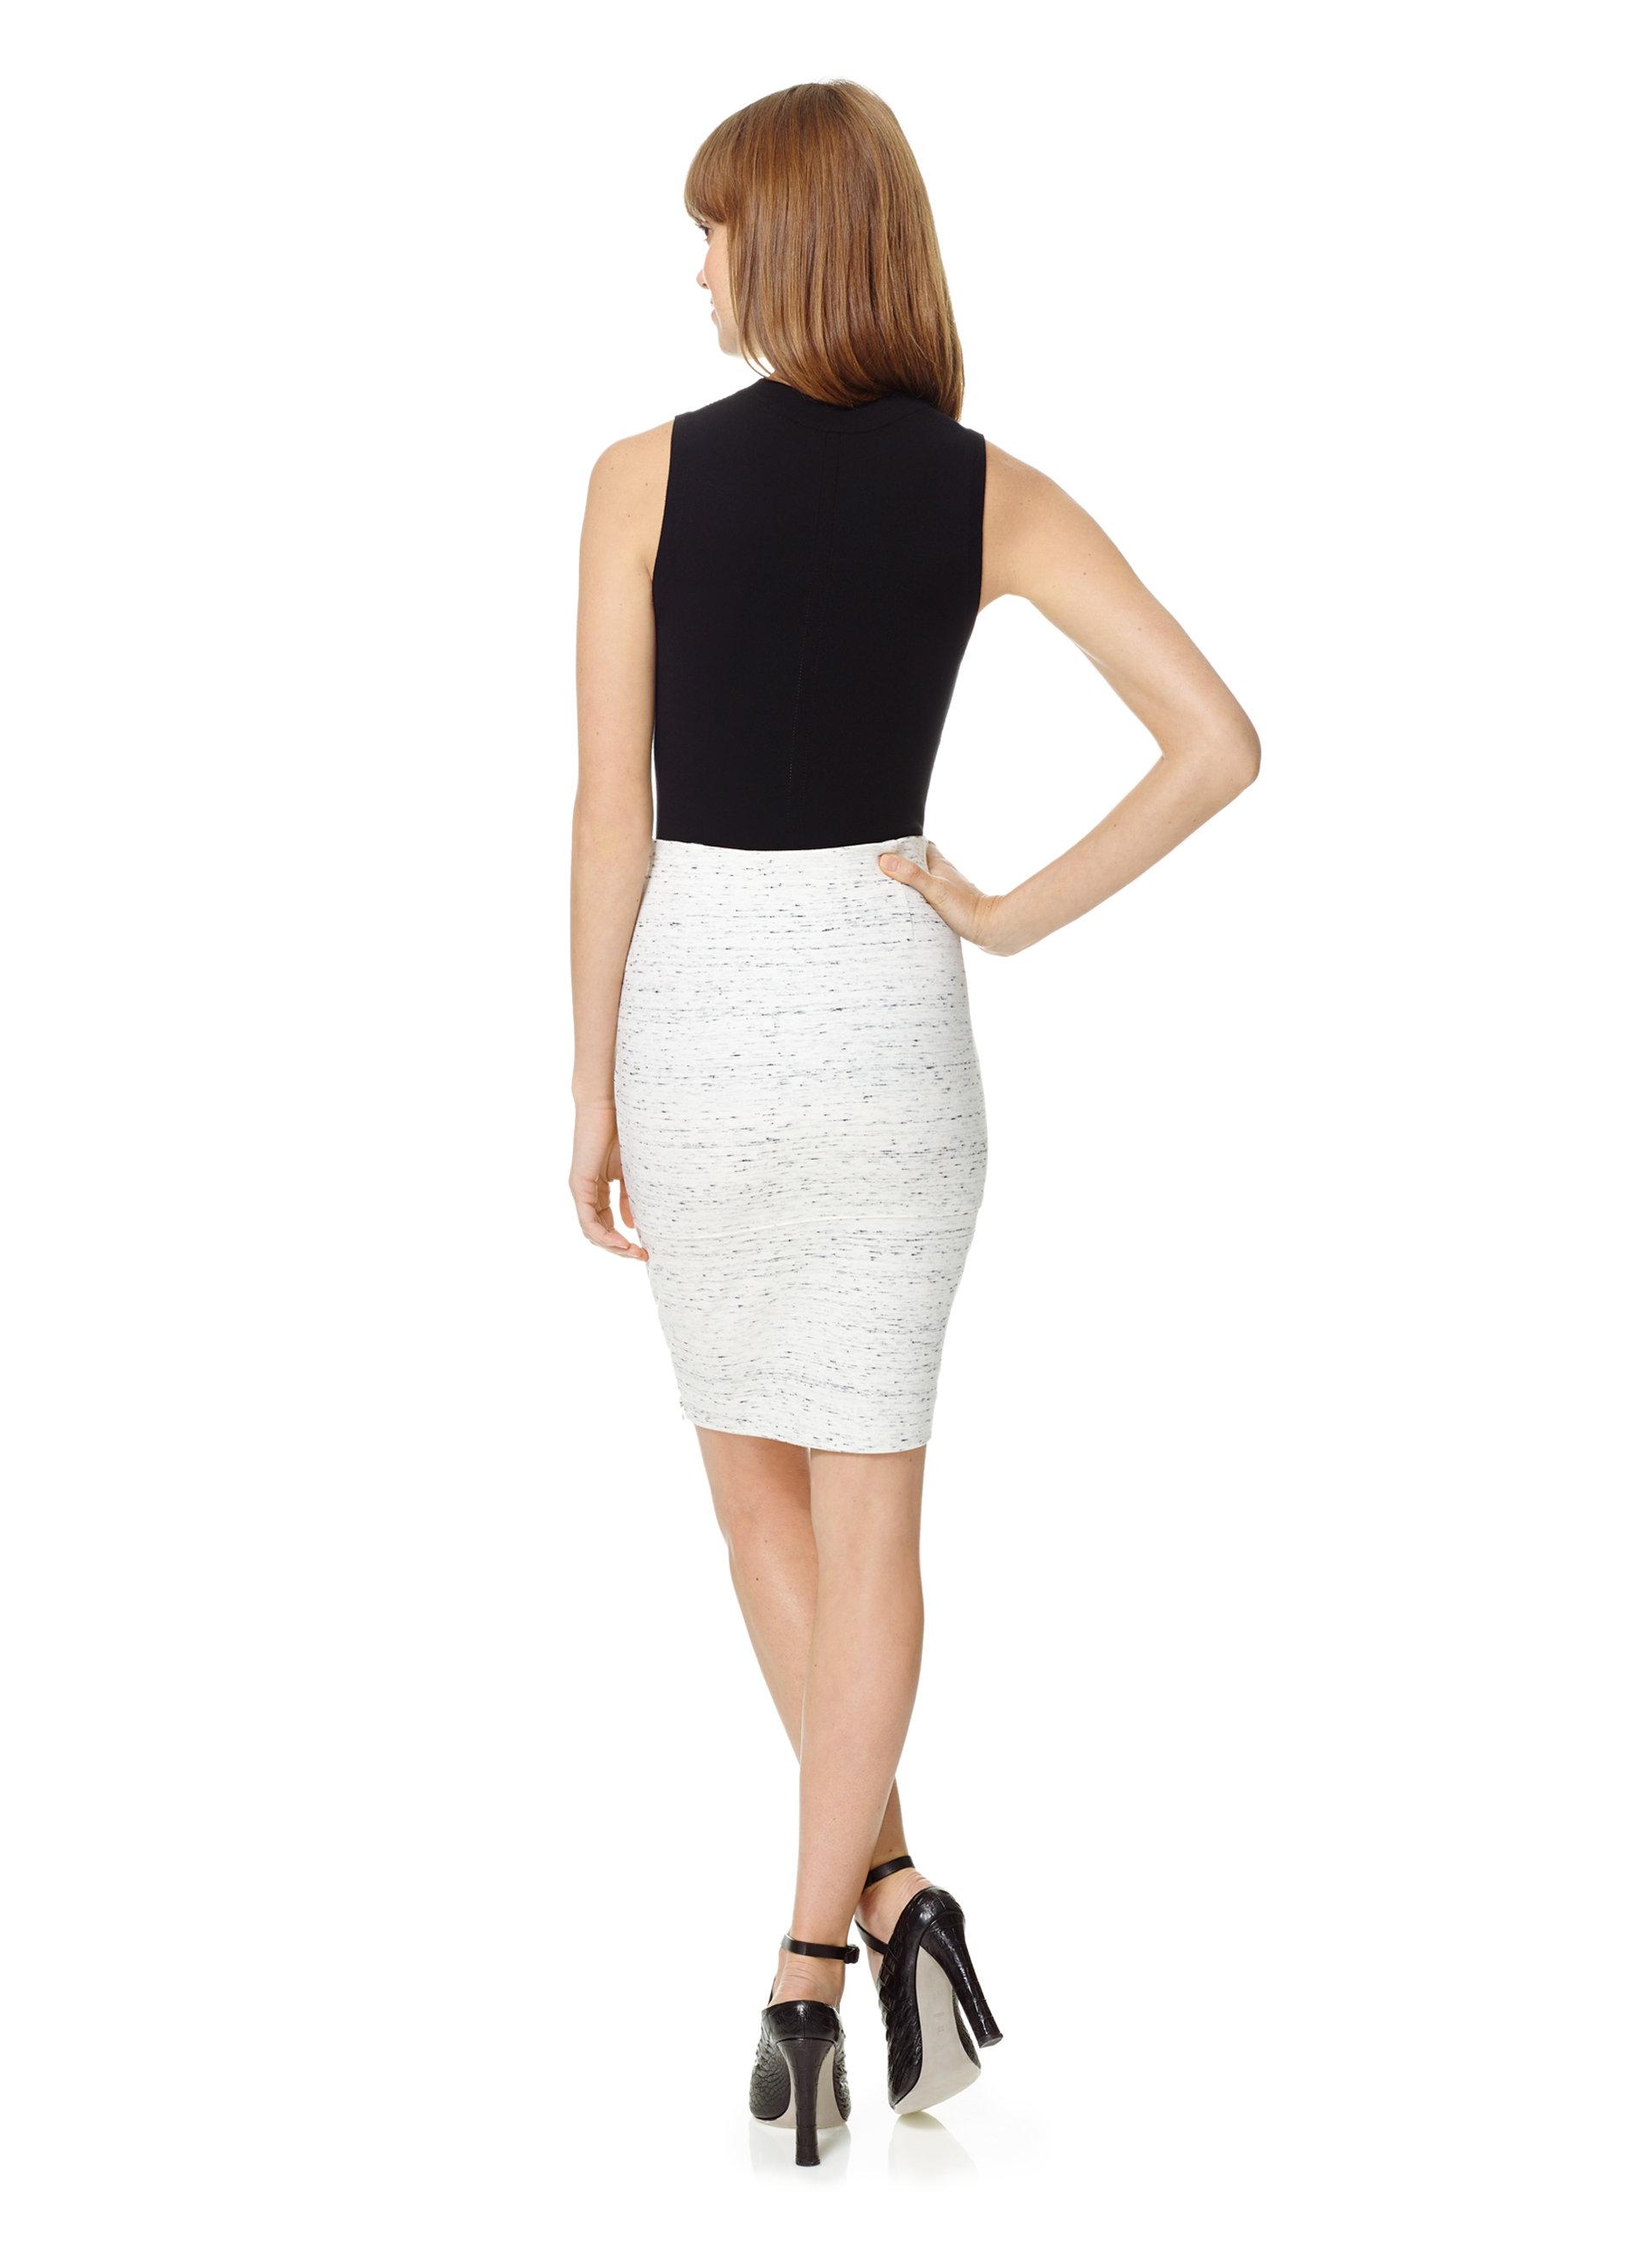 Winter White Skirt 108